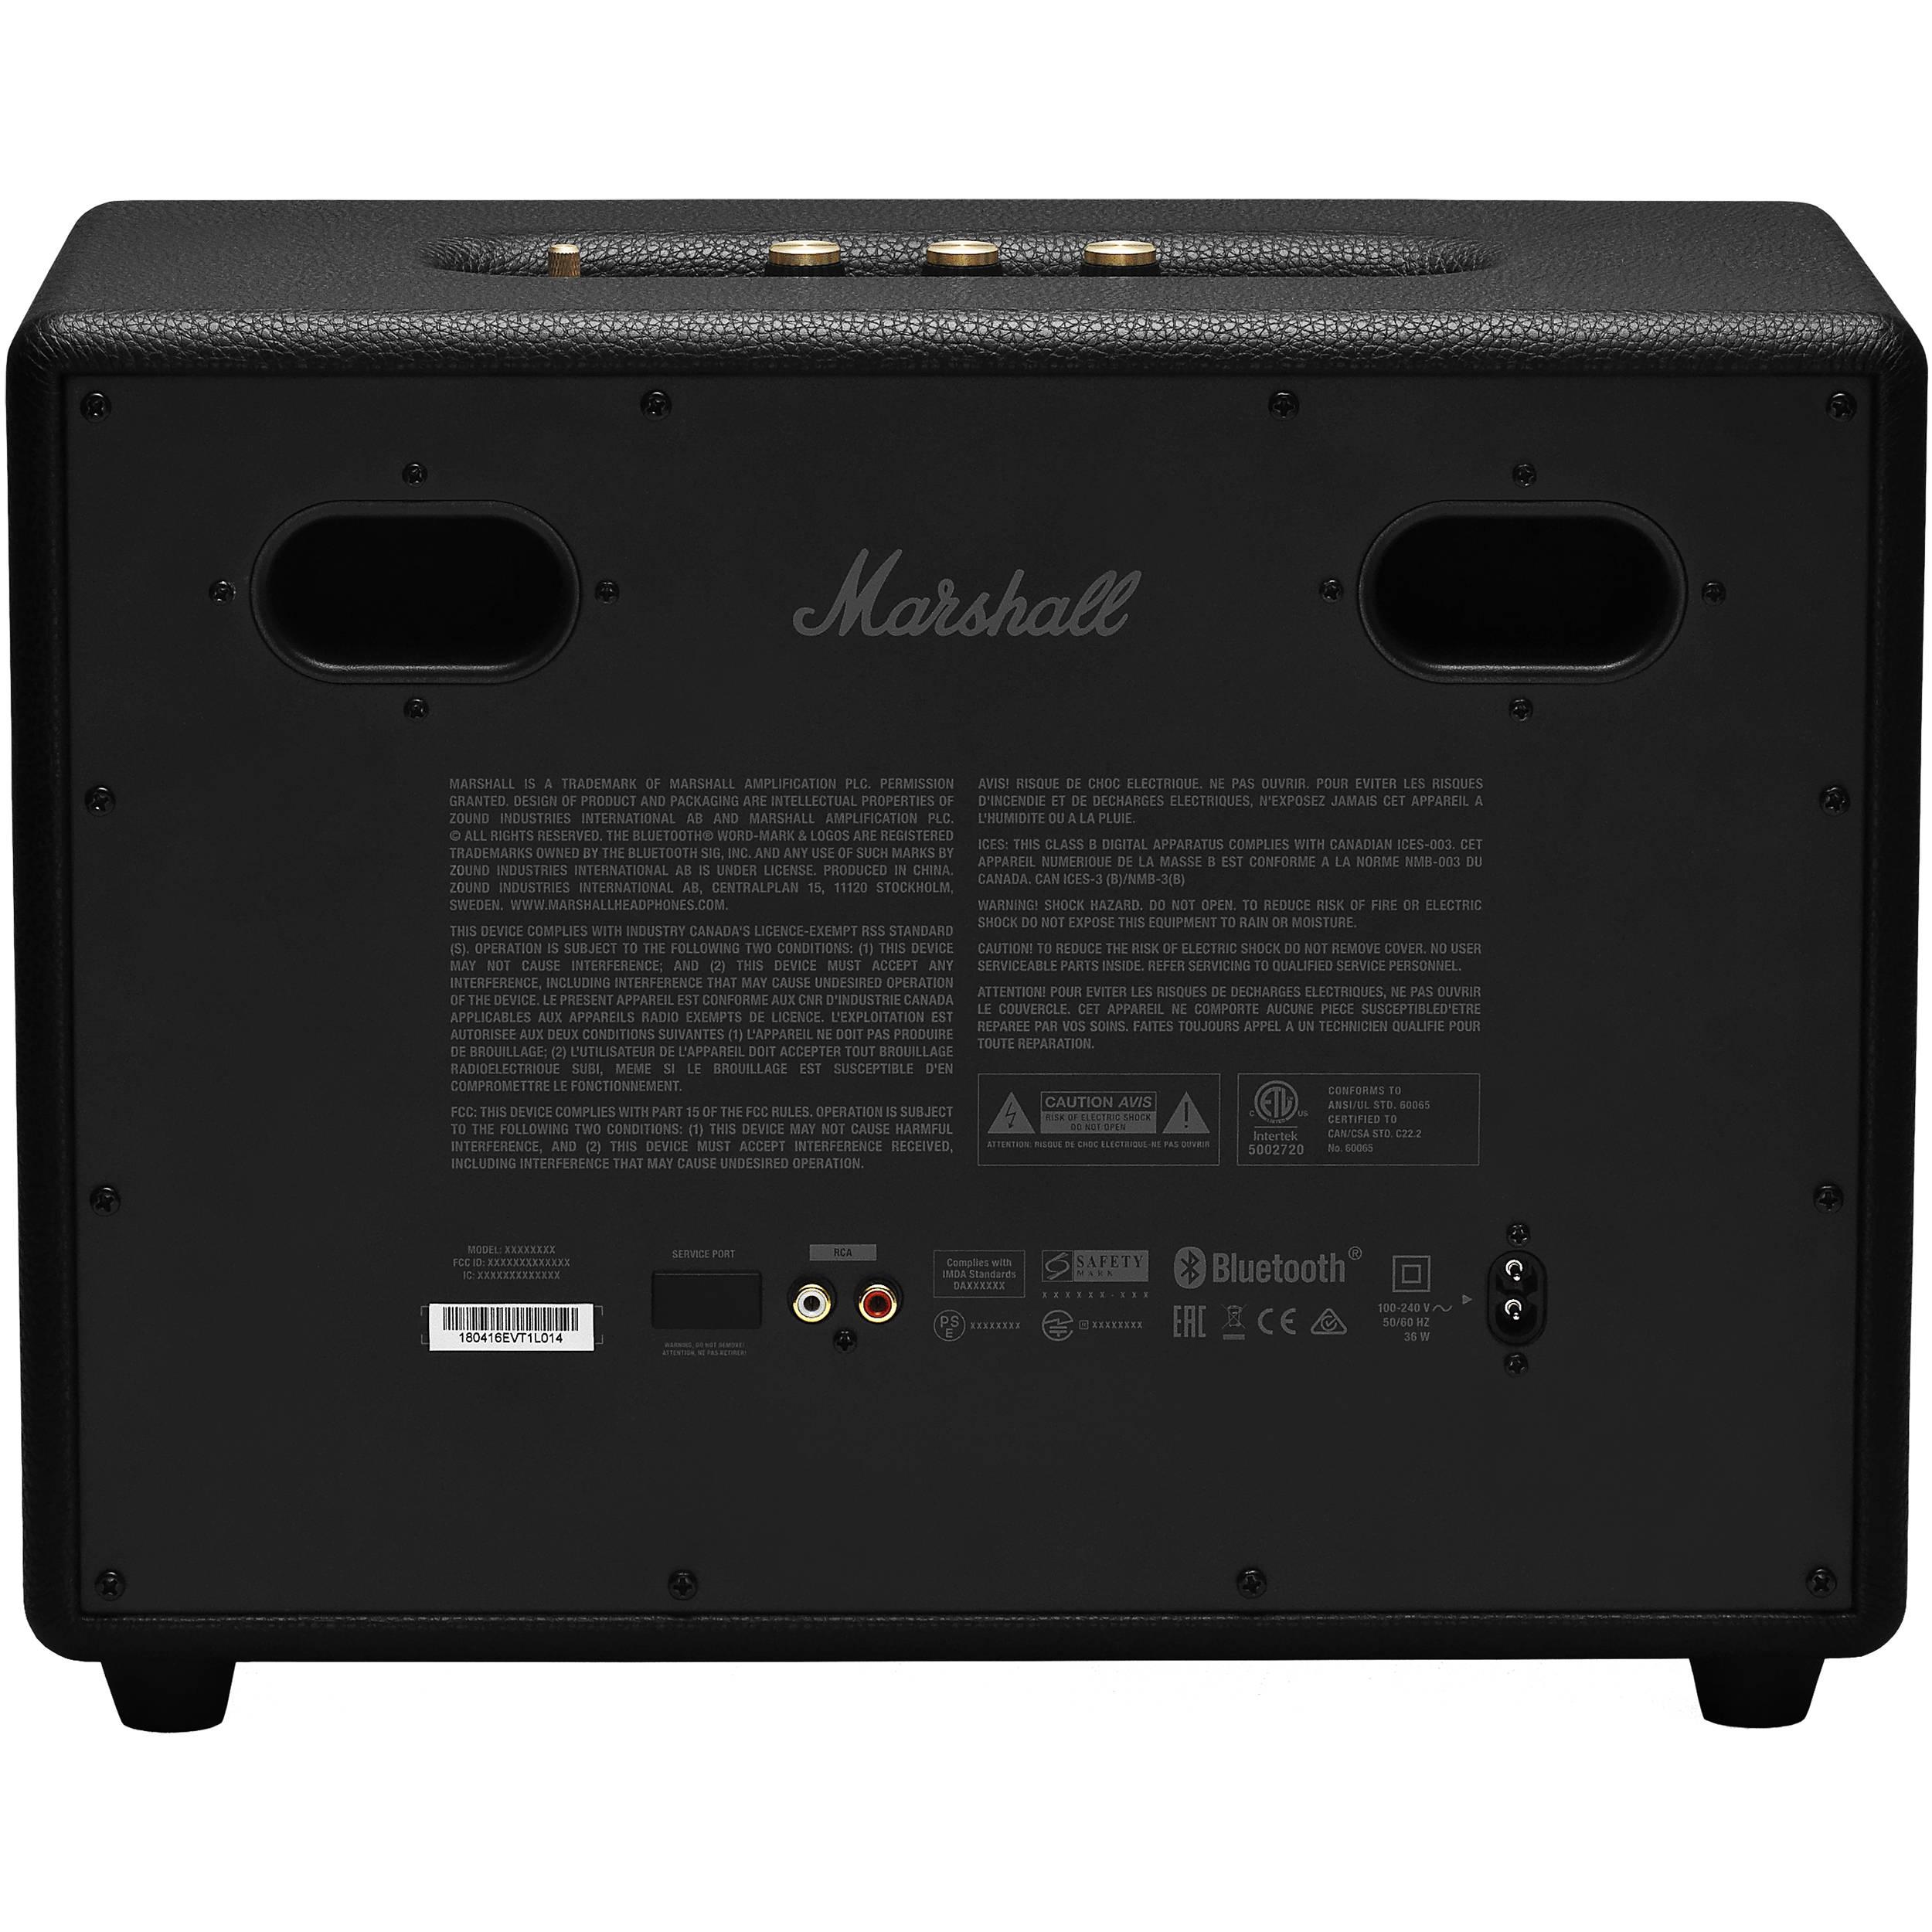 Marshall Woburn II Bluetooth Speaker System (Black)